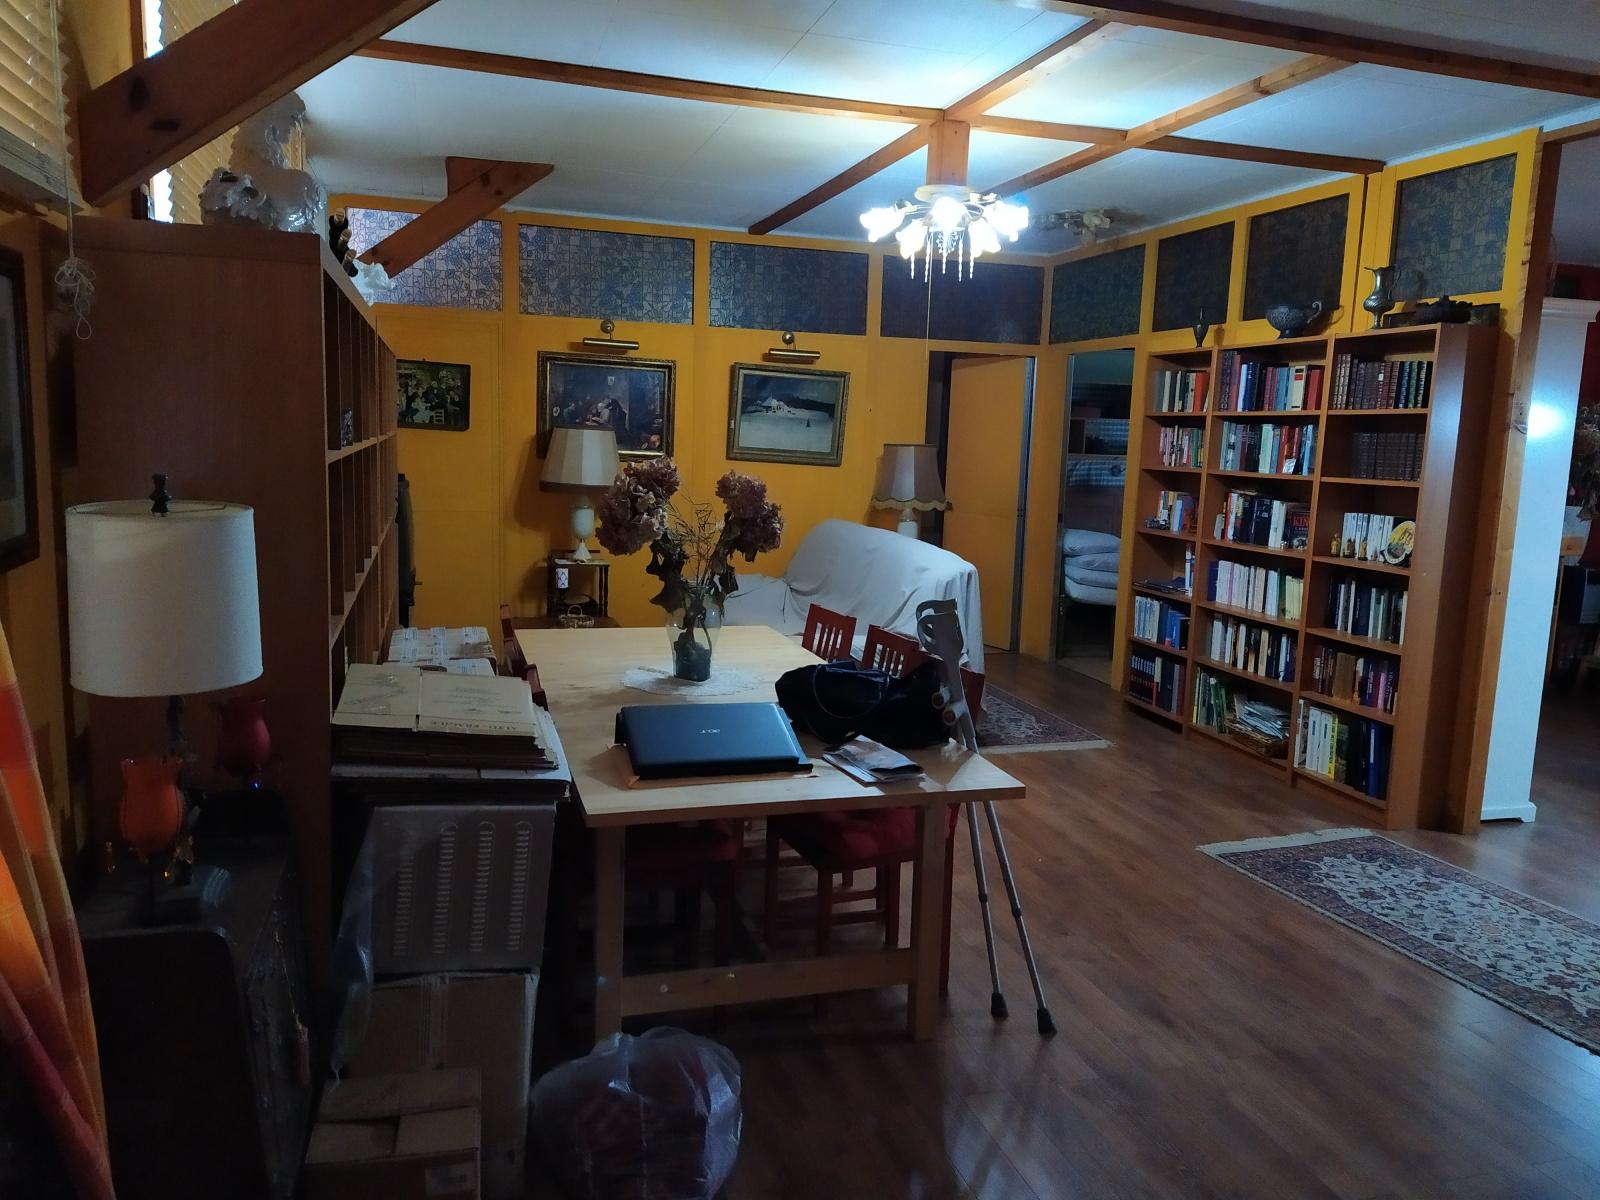 appartamento-loft-in-vendita-milano-provincia-buccinasco-naviglio-grande-spaziourbano-immobiliare-vende-3-locali-open-space-4